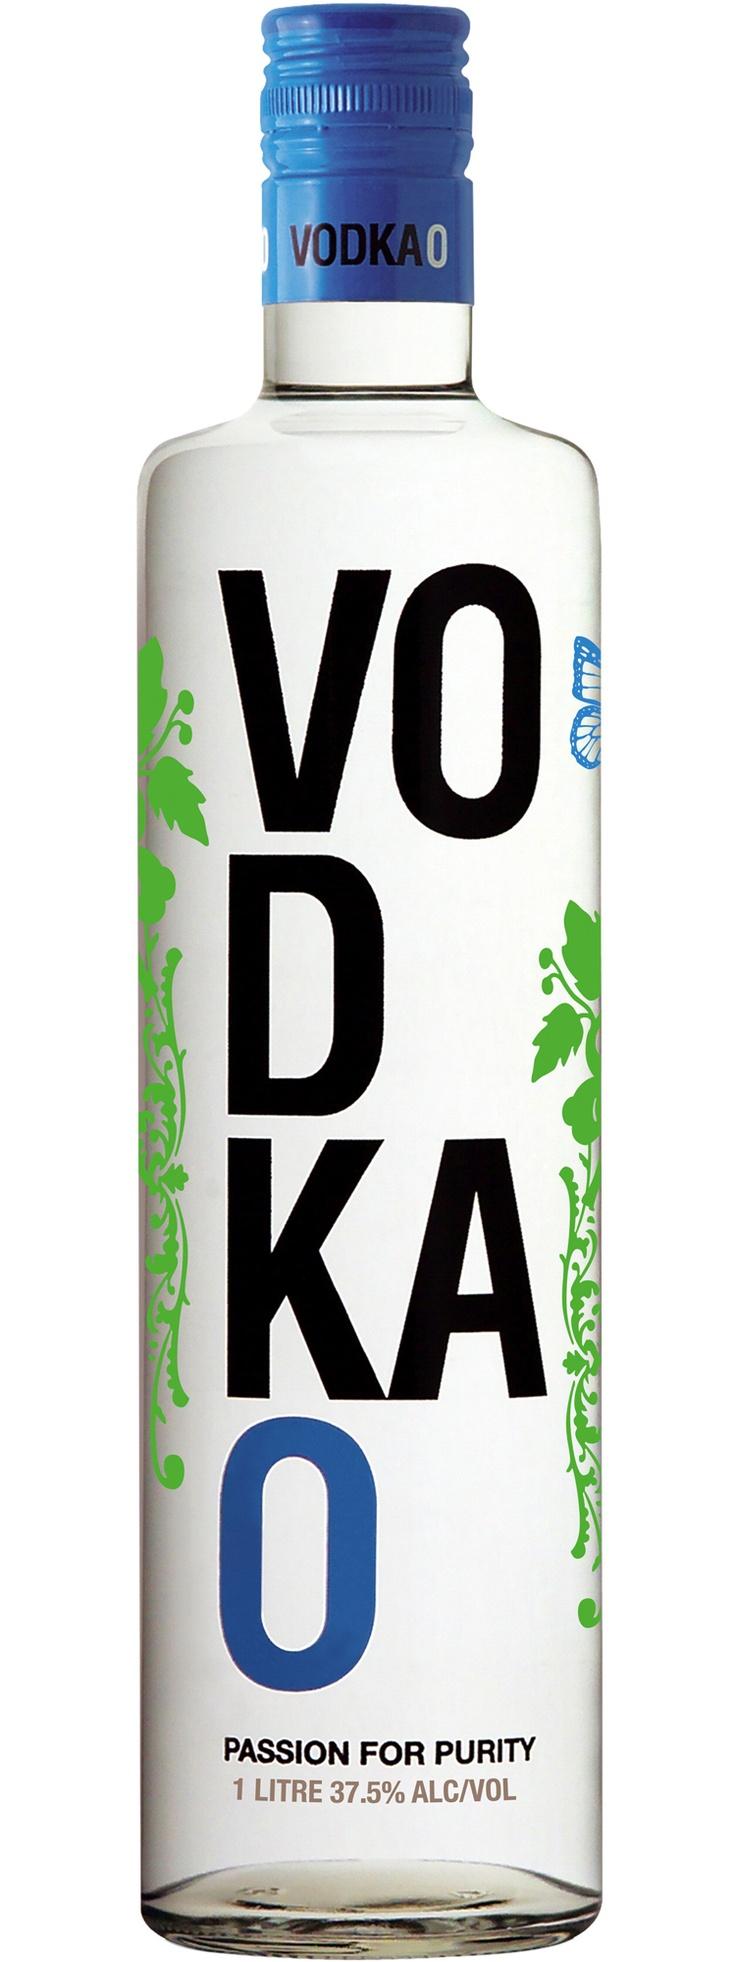 Vodka O Vodka 1L (Australia)    Vodka fun! #PD